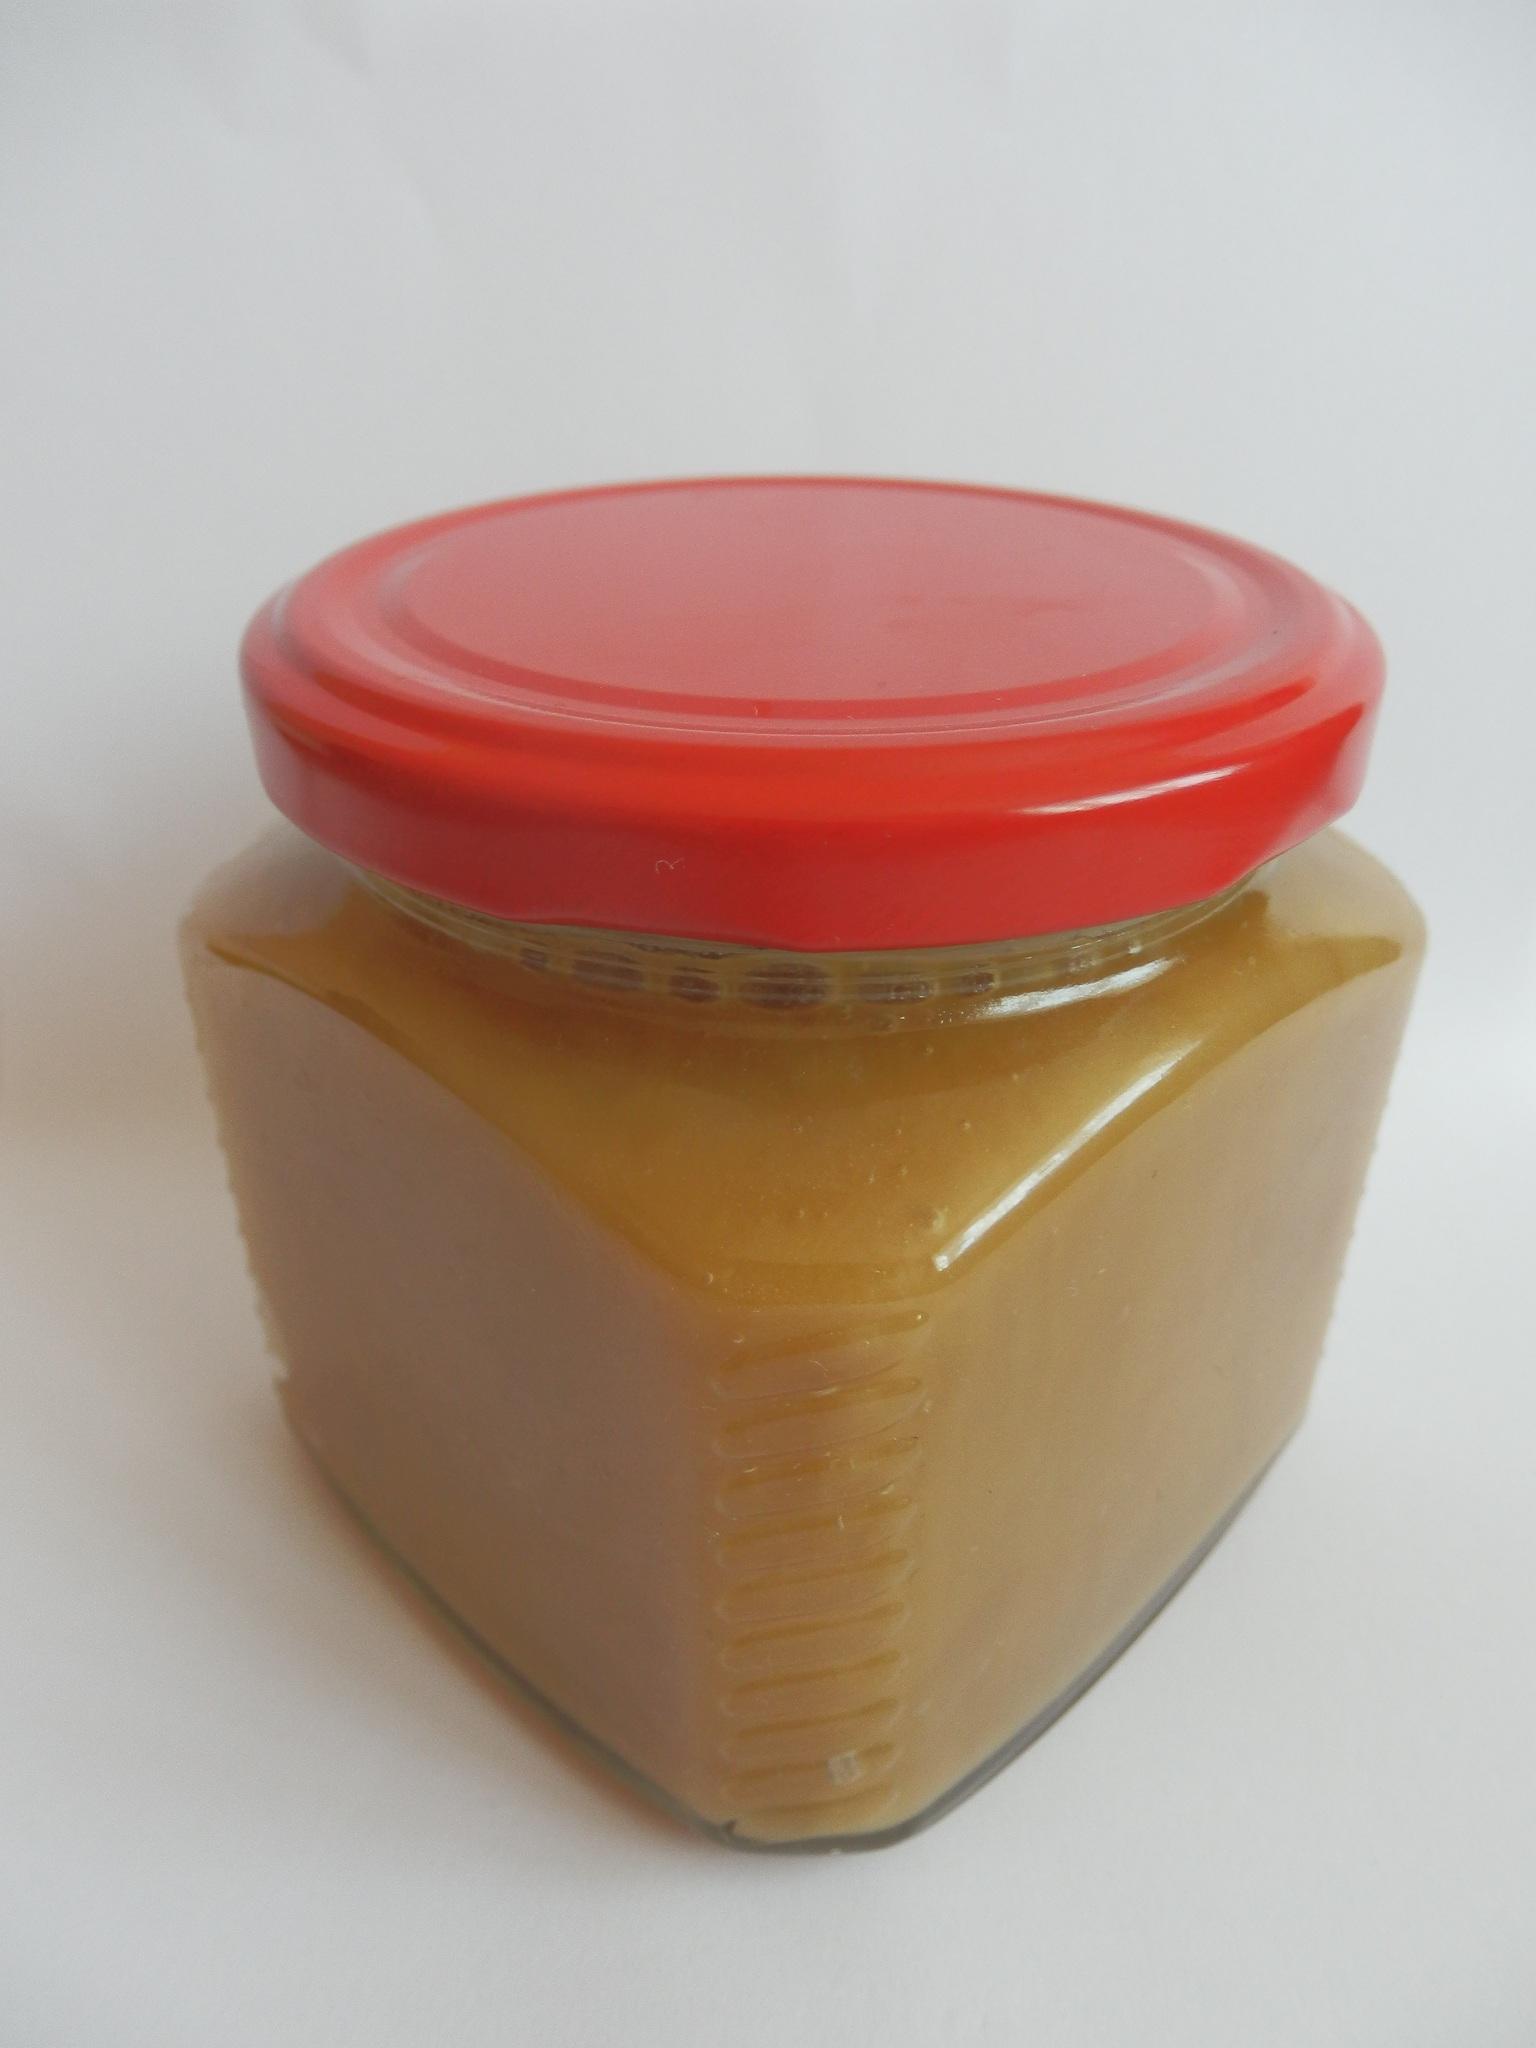 мед цветочно-гречишный фото1